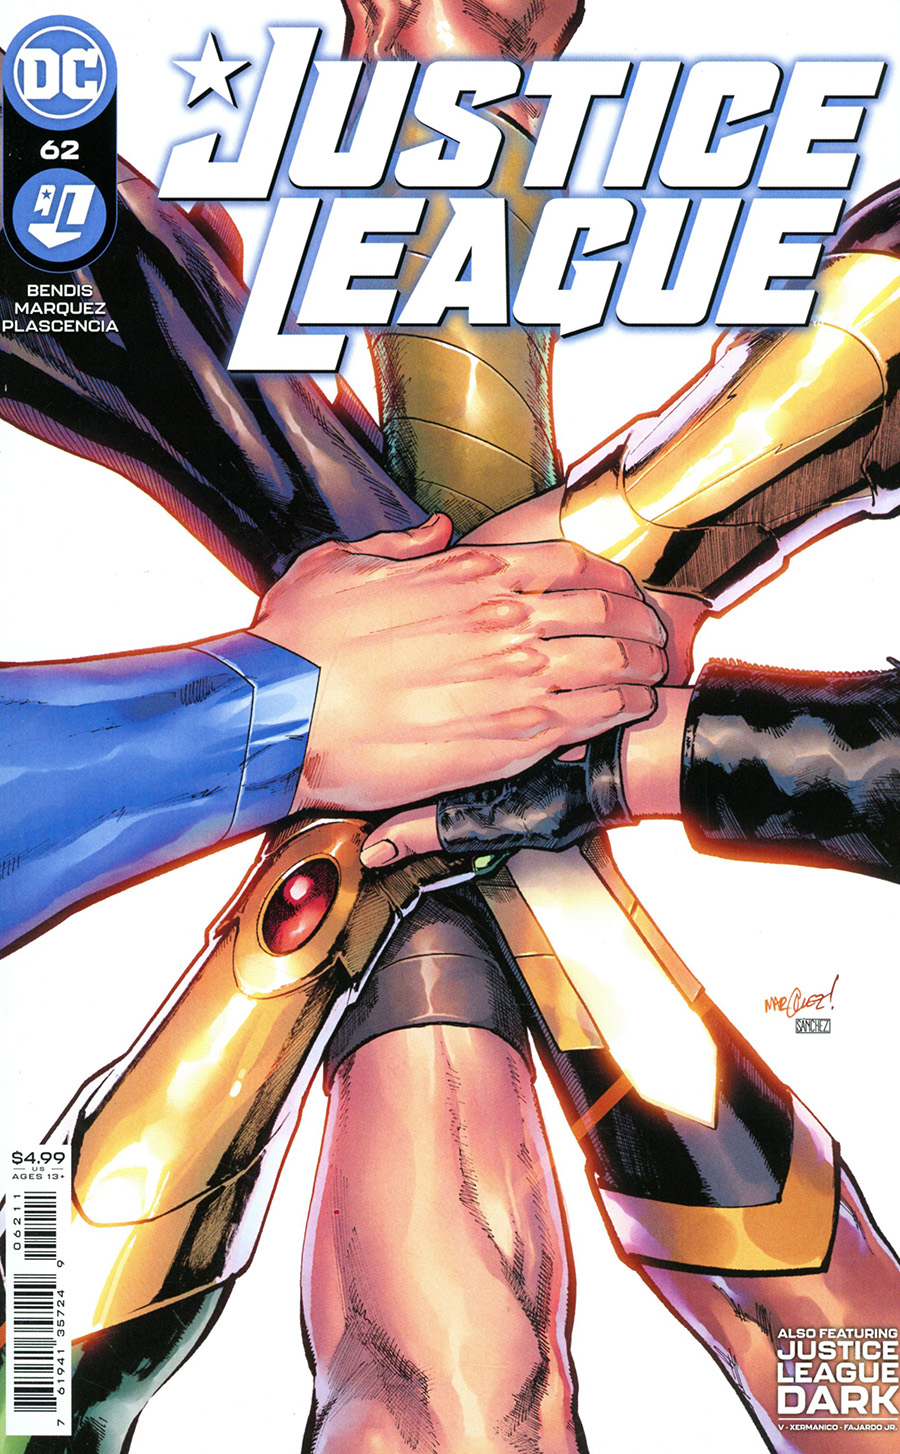 Justice League Vol 4 #62 Cover A Regular David Marquez Cover